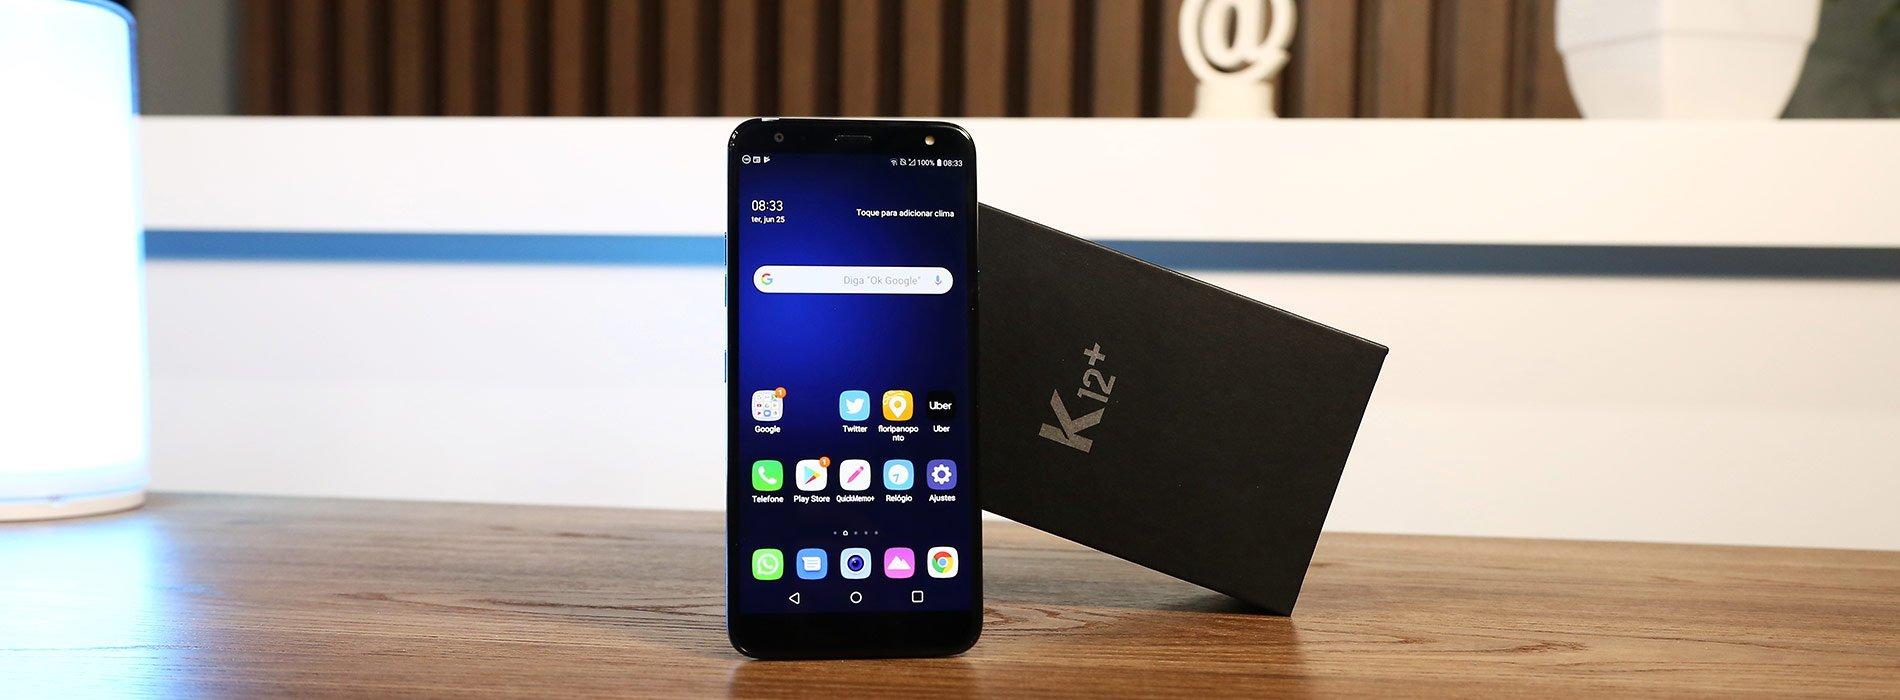 Análise do LG K12+: Celular competente pra quem procura um aparelho